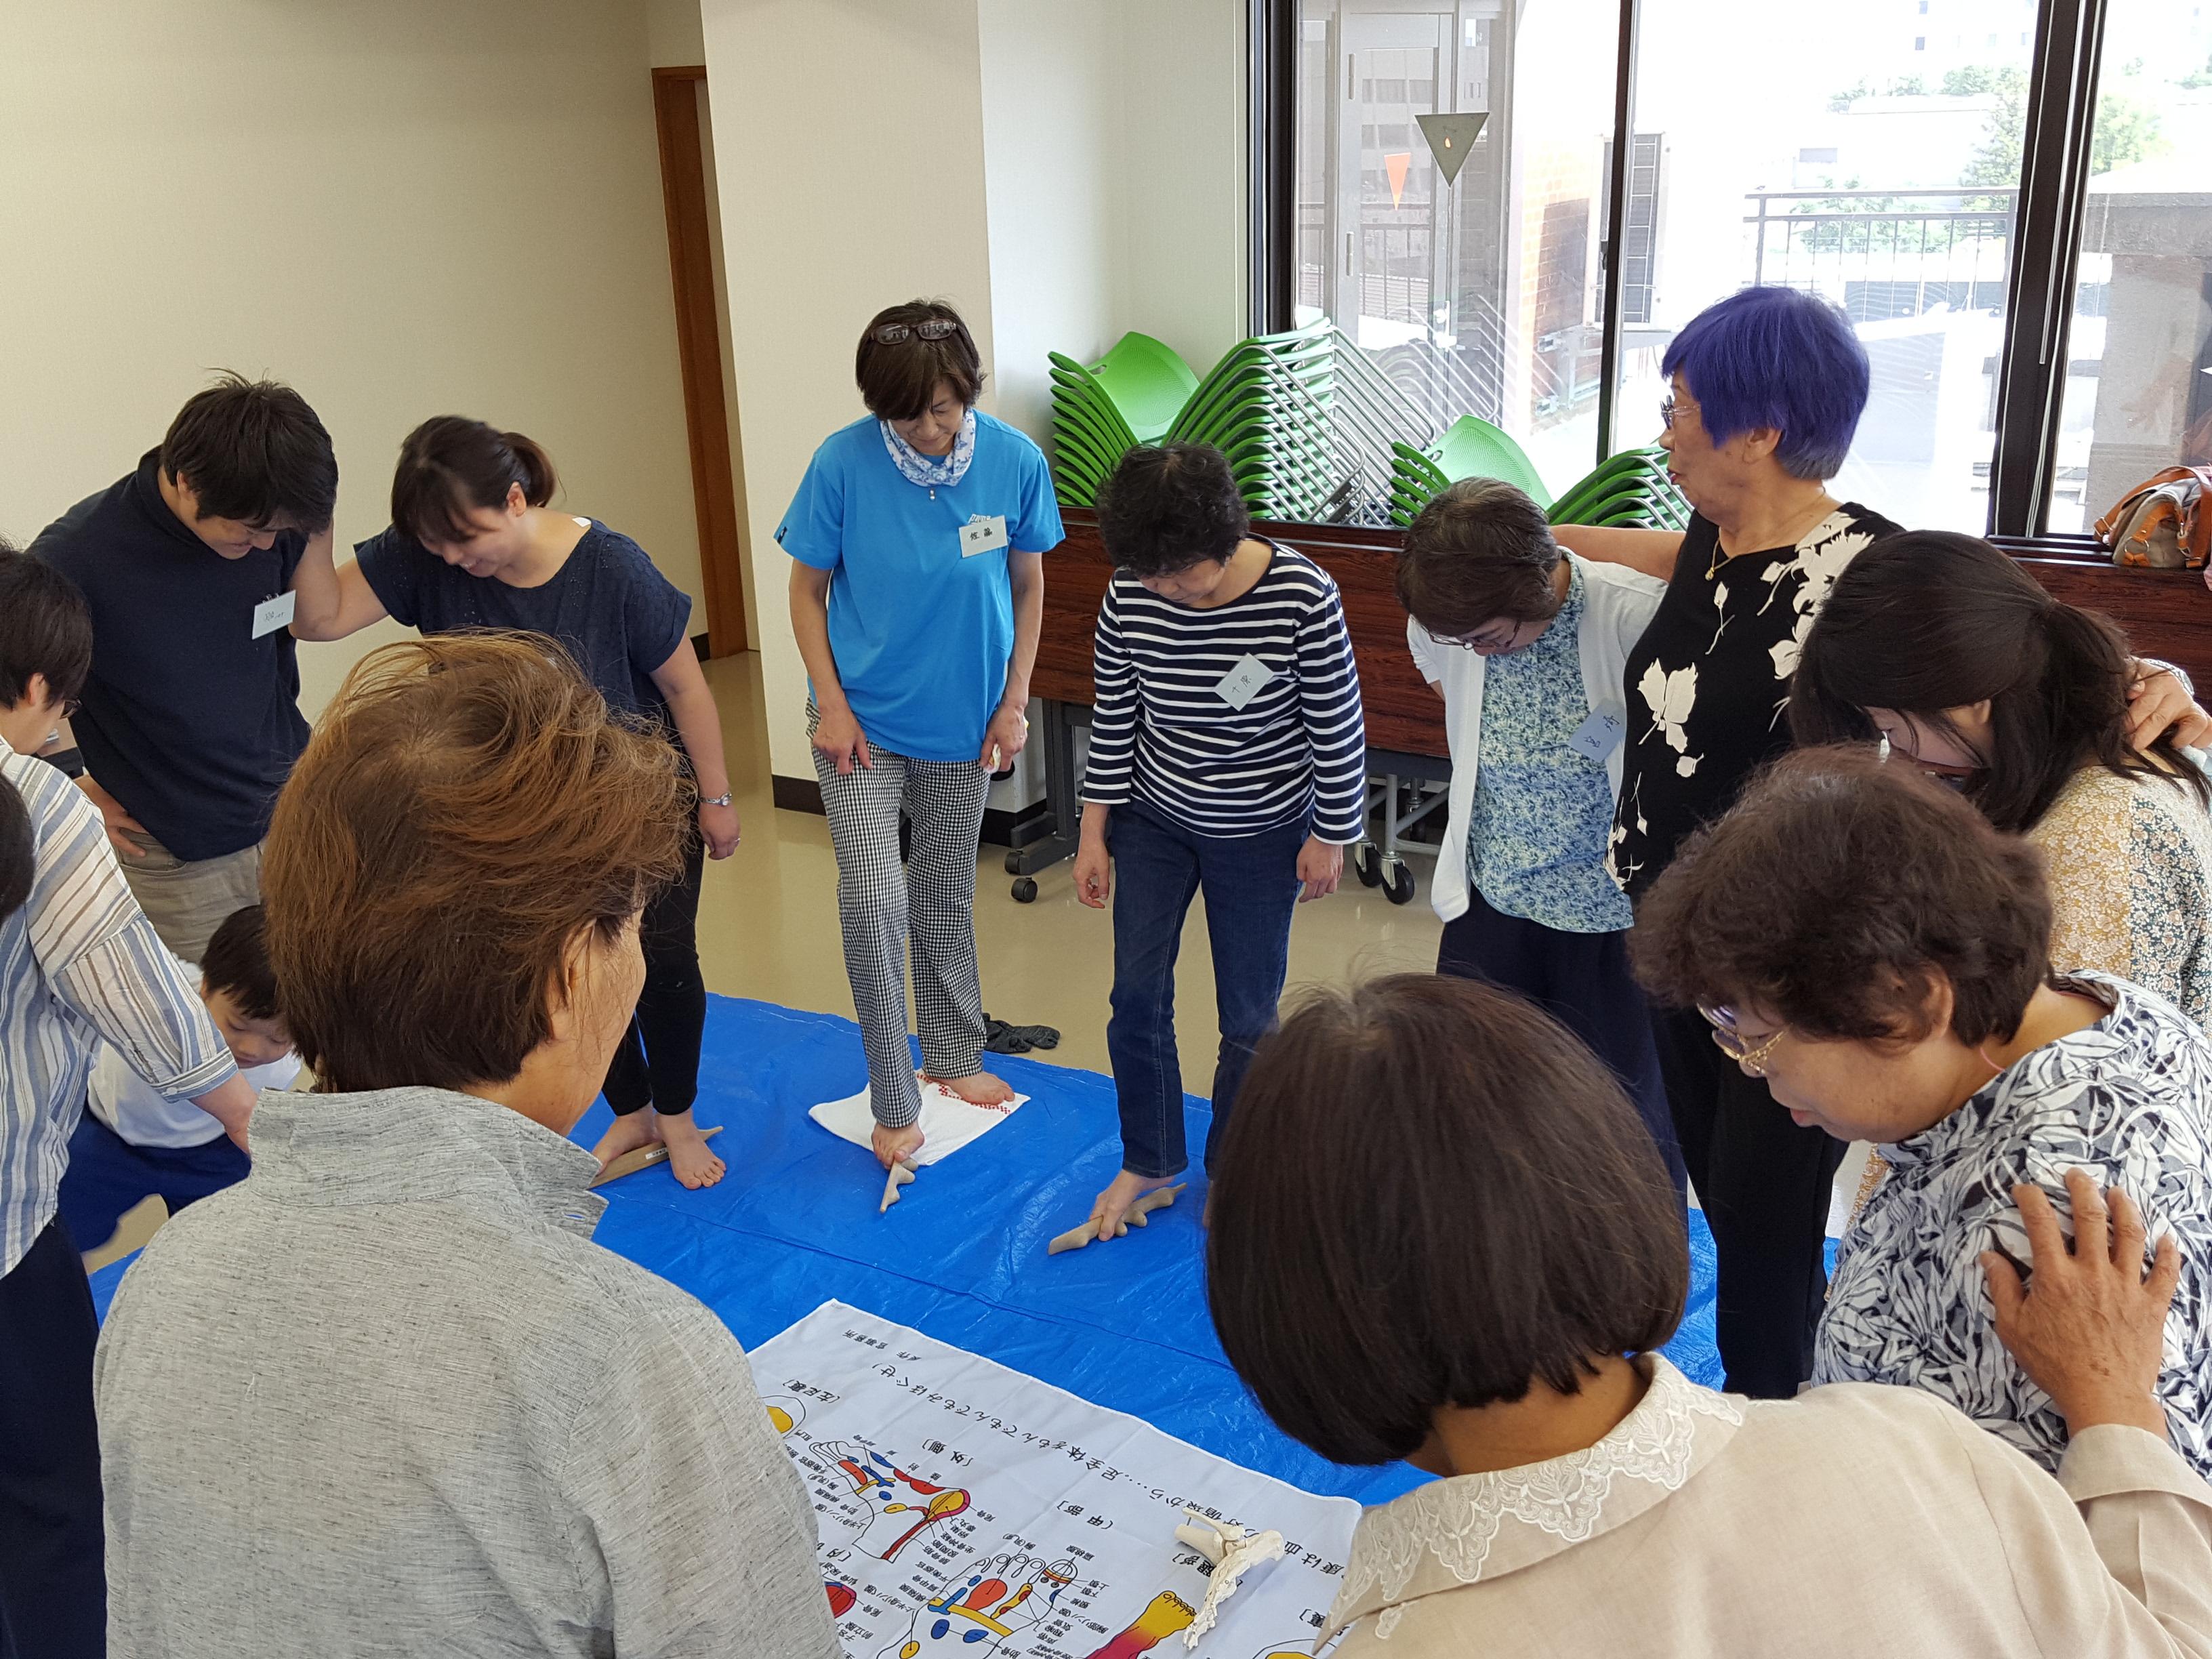 官足法八戸講習会を開催しました